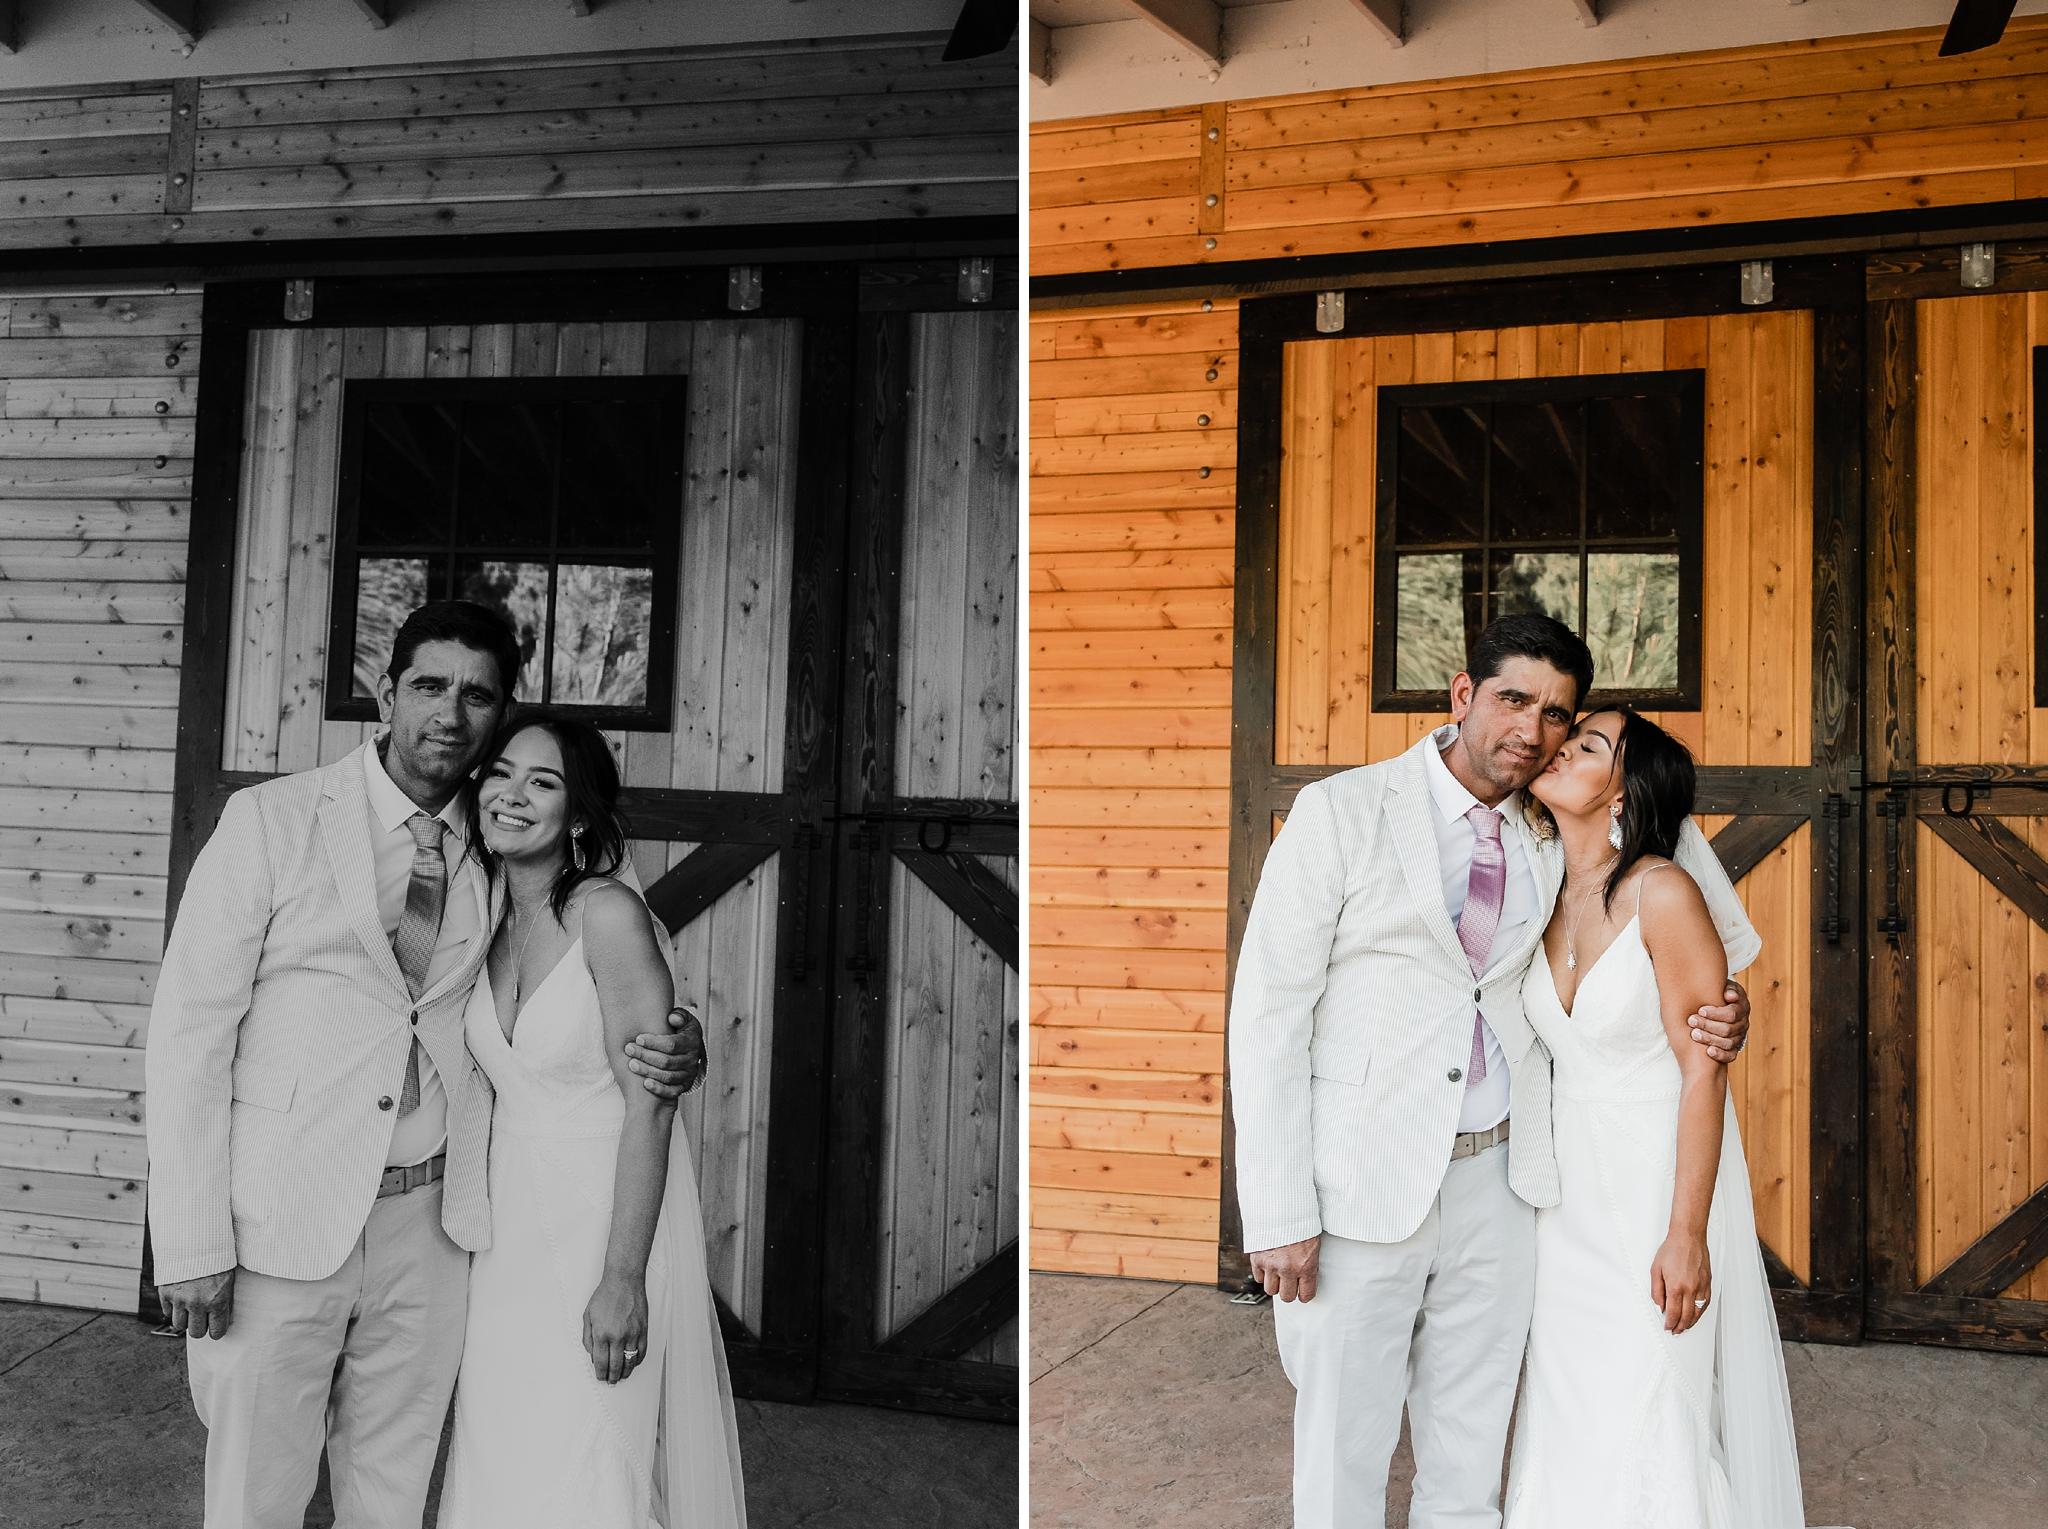 Alicia+lucia+photography+-+albuquerque+wedding+photographer+-+santa+fe+wedding+photography+-+new+mexico+wedding+photographer+-+new+mexico+wedding+-+new+mexico+wedding+-+barn+wedding+-+enchanted+vine+barn+wedding+-+ruidoso+wedding_0115.jpg